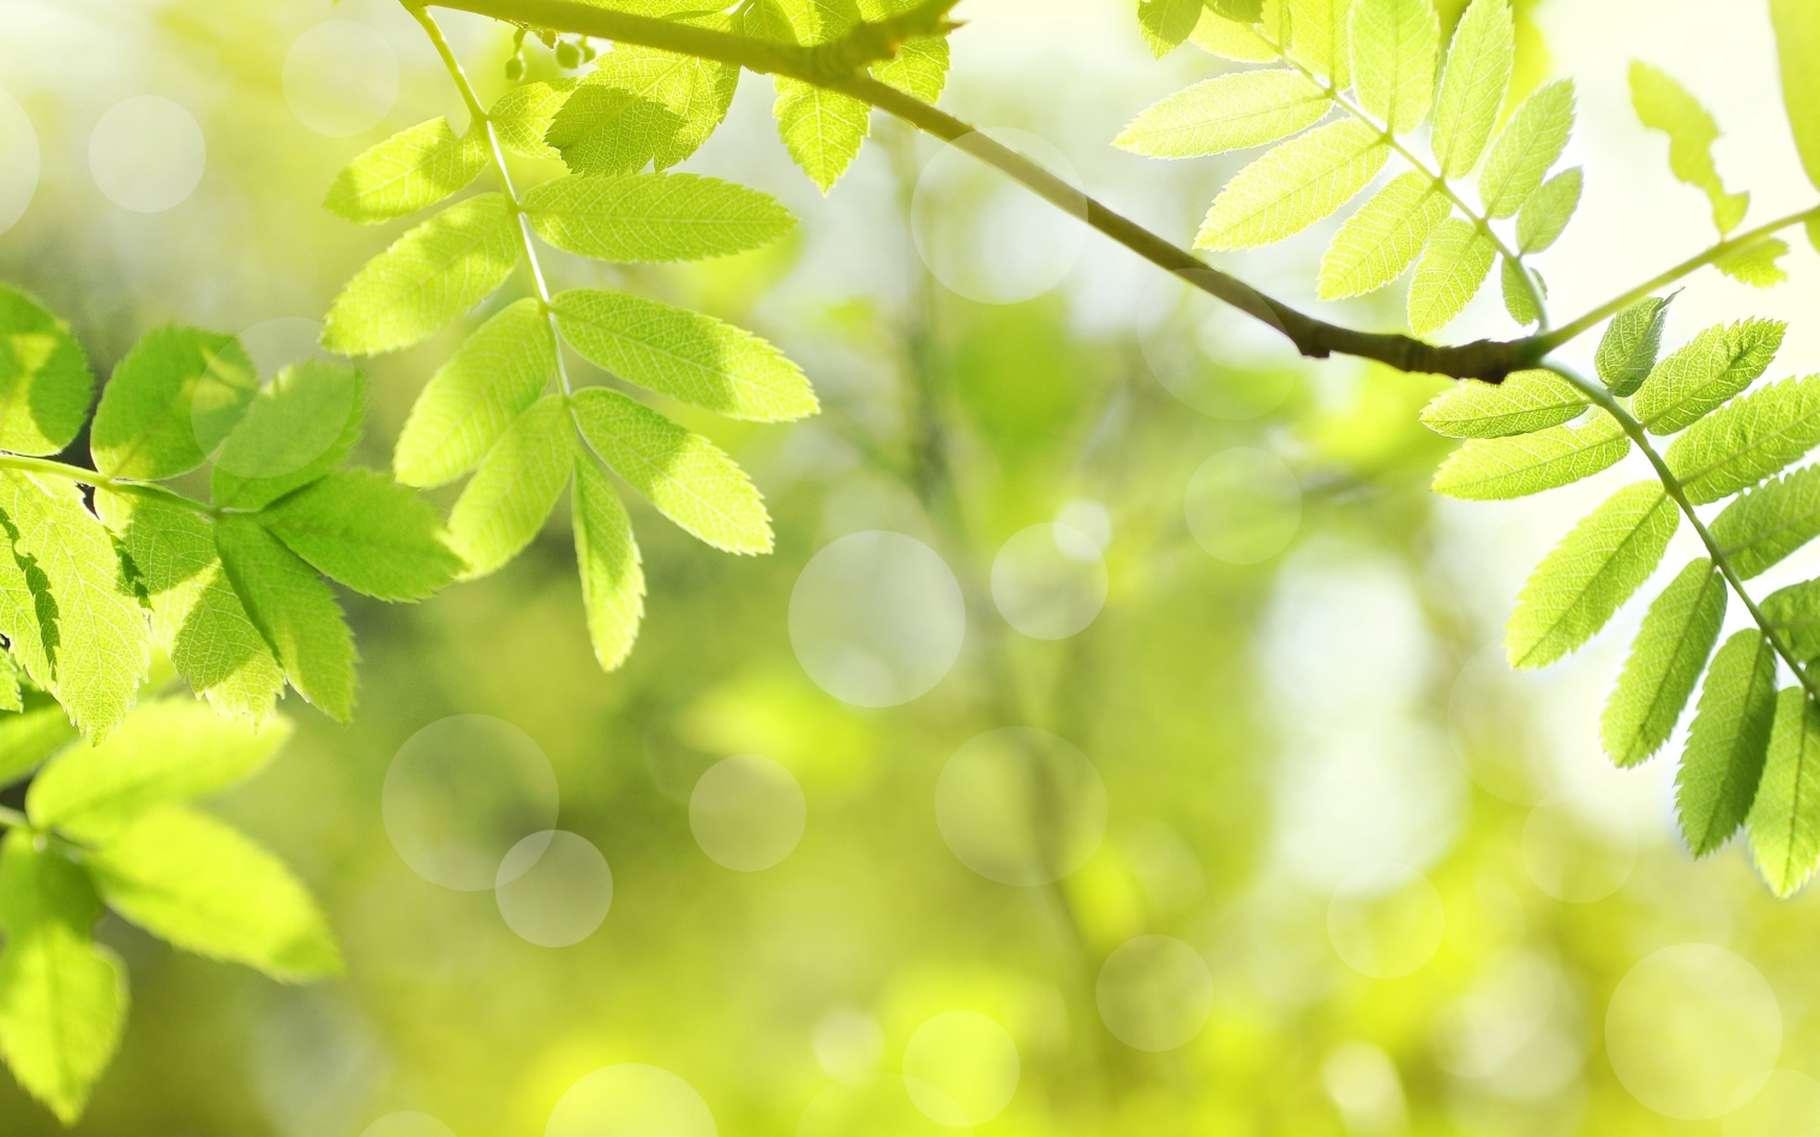 Cette maladie du frêne, due à un champignon, fait dépérir l'arbre en quelques années. Les forêts du nord de la France sont désormais touchées et cette chalarose poursuit sa progression vers le sud-ouest. © Julietphotography, Shutterstock